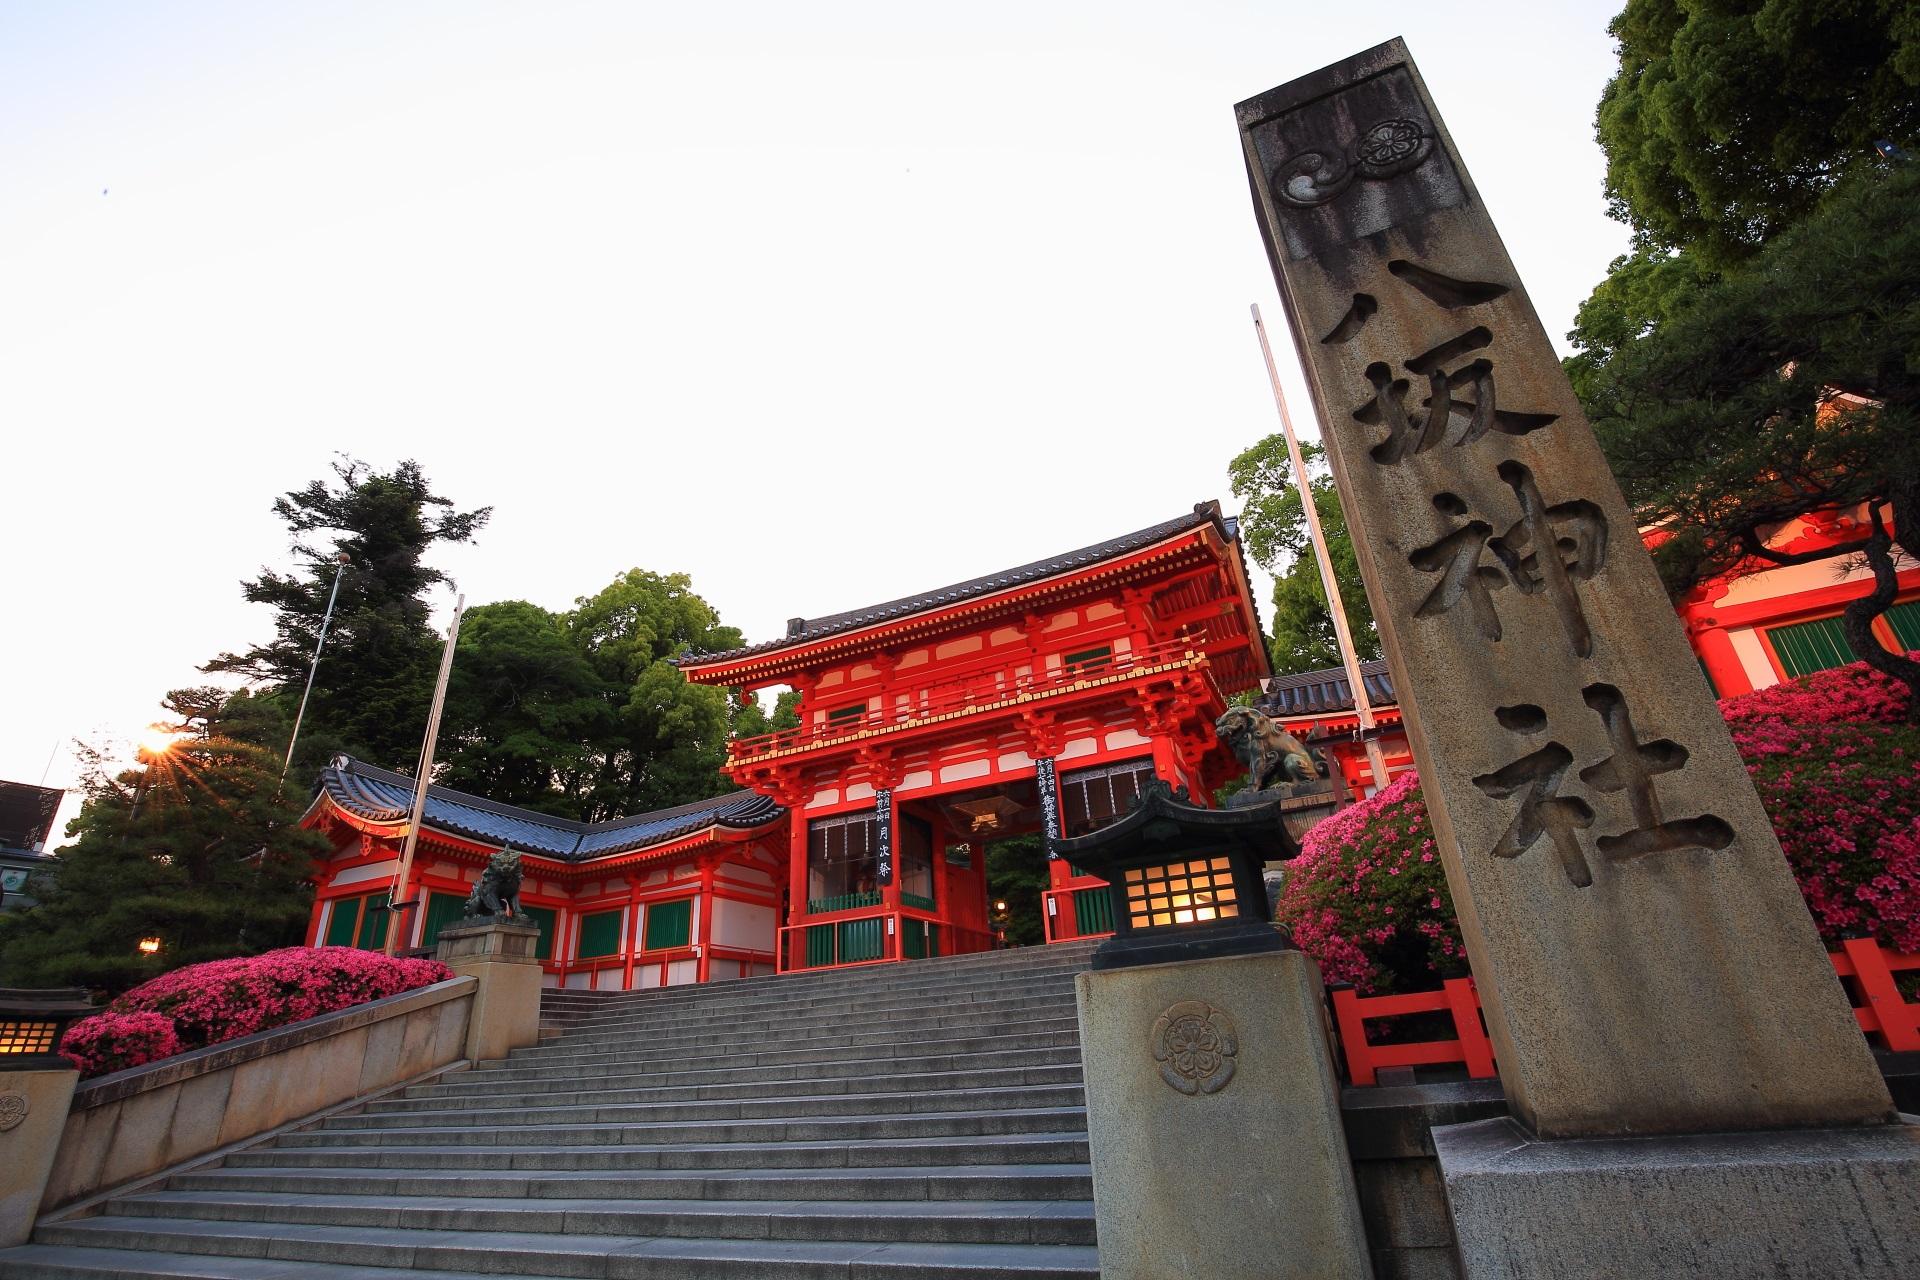 この時期に来て初めて知るサツキの名所の八坂神社